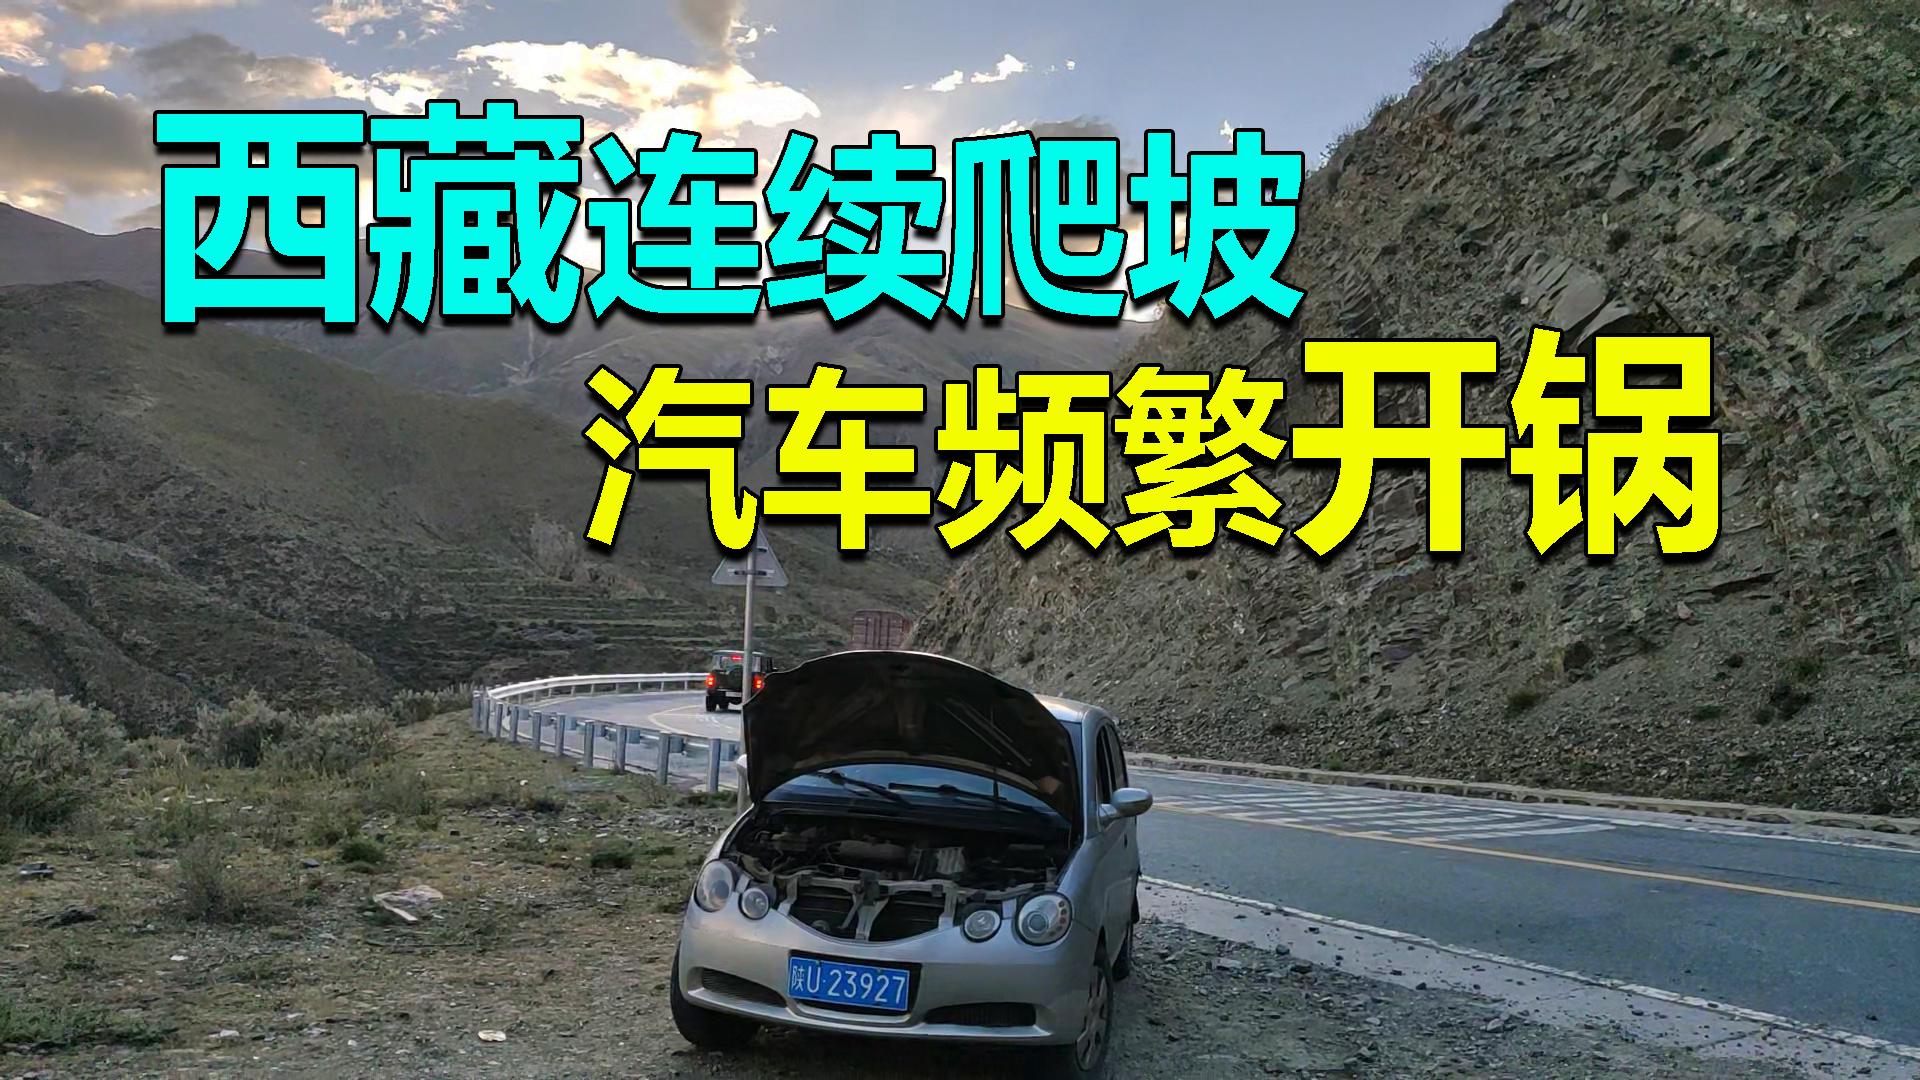 西藏爬坡汽车频繁开锅,水箱的水都烧干了,只好在路边厕所露营